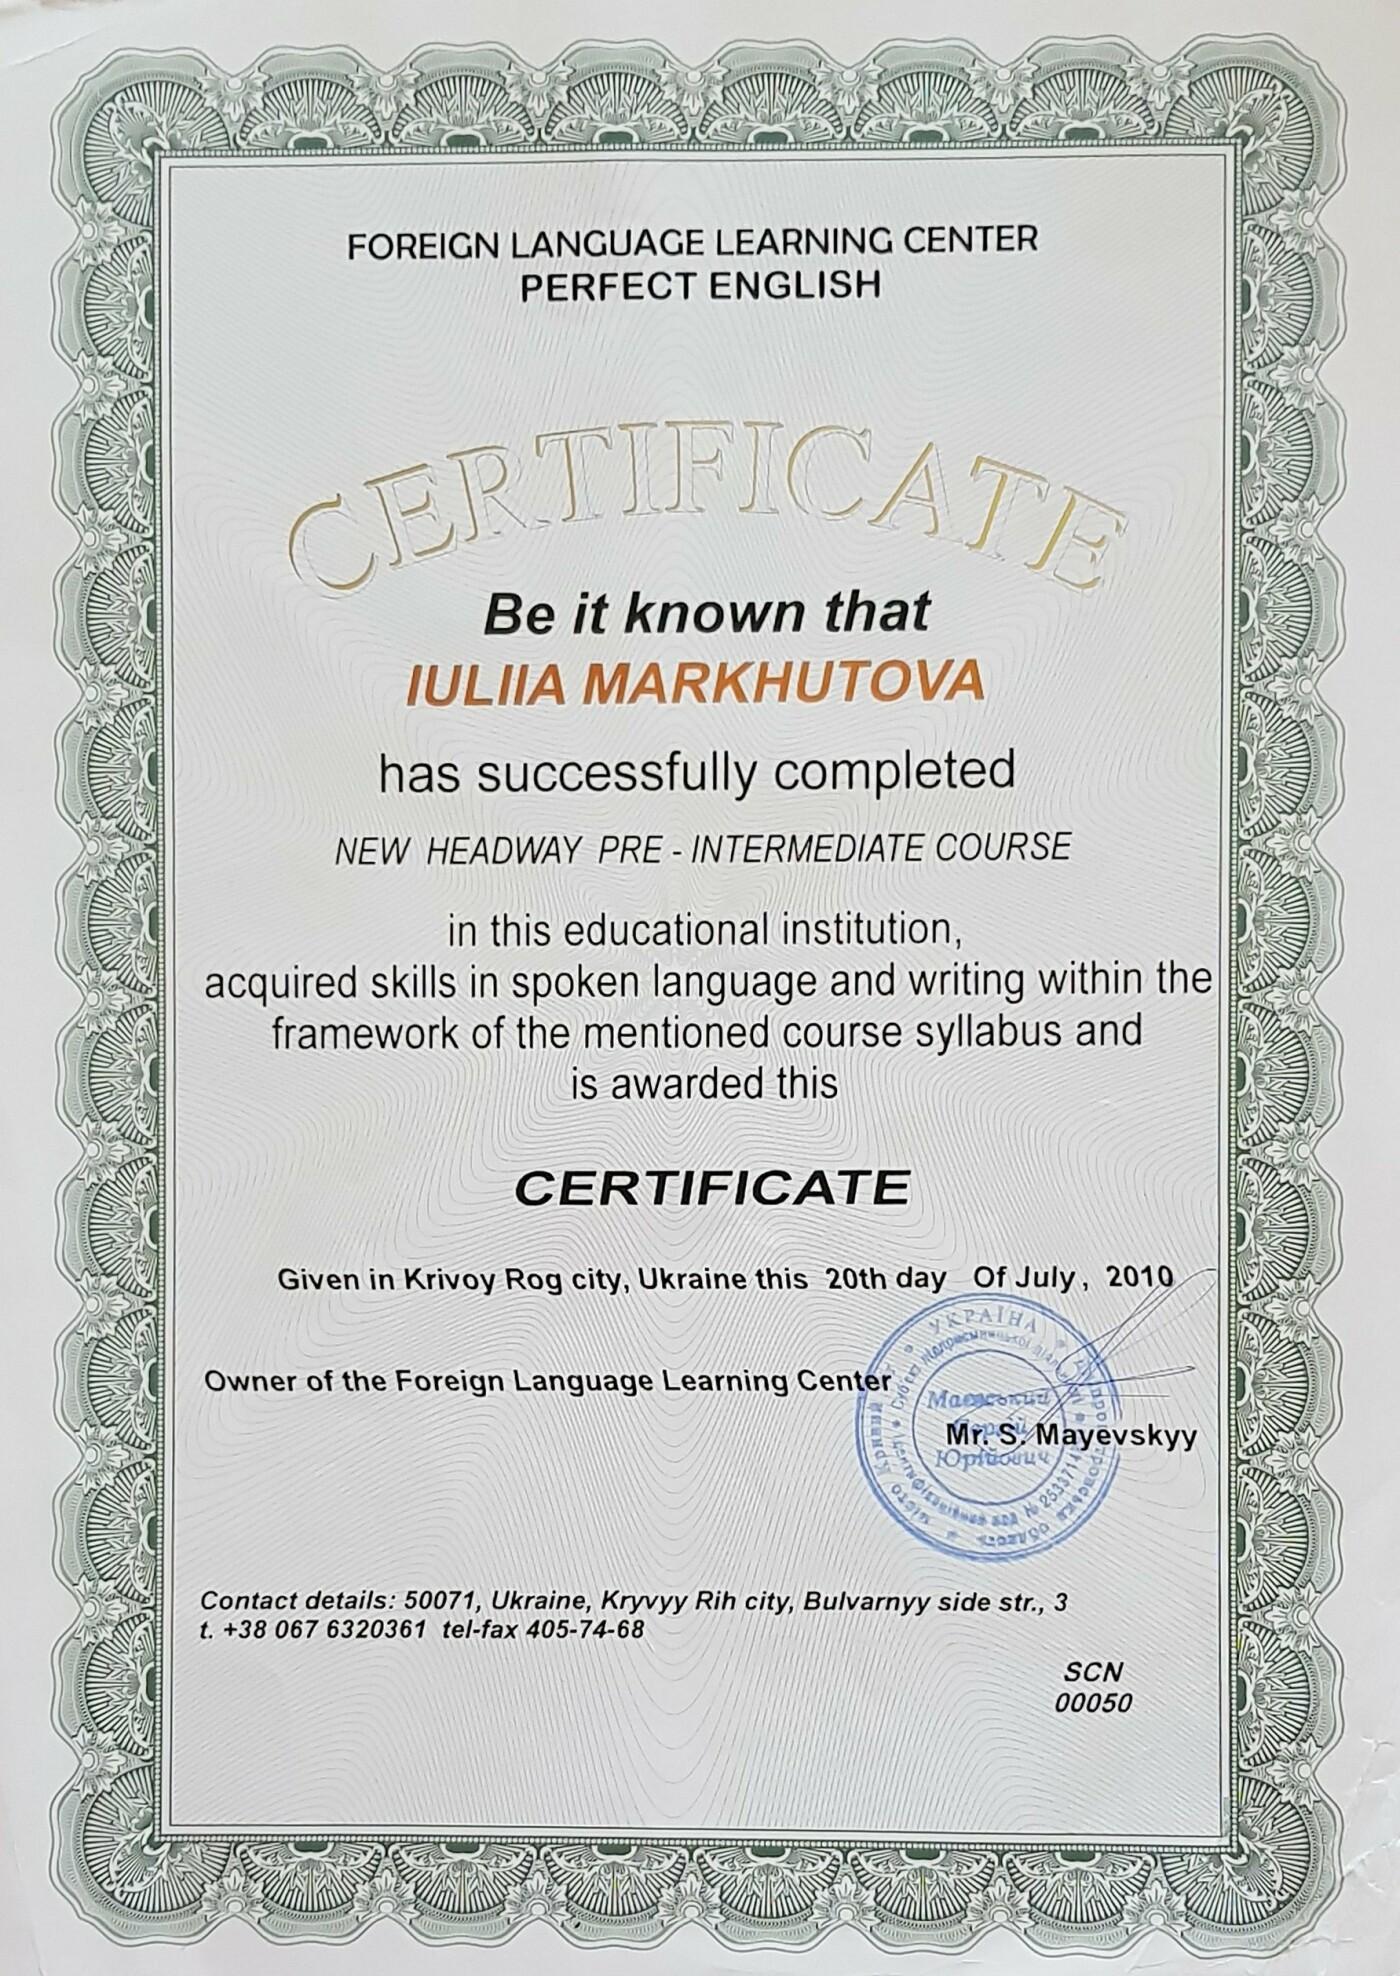 ТОП-5 образовательных курсов в Кривом Роге, фото-36